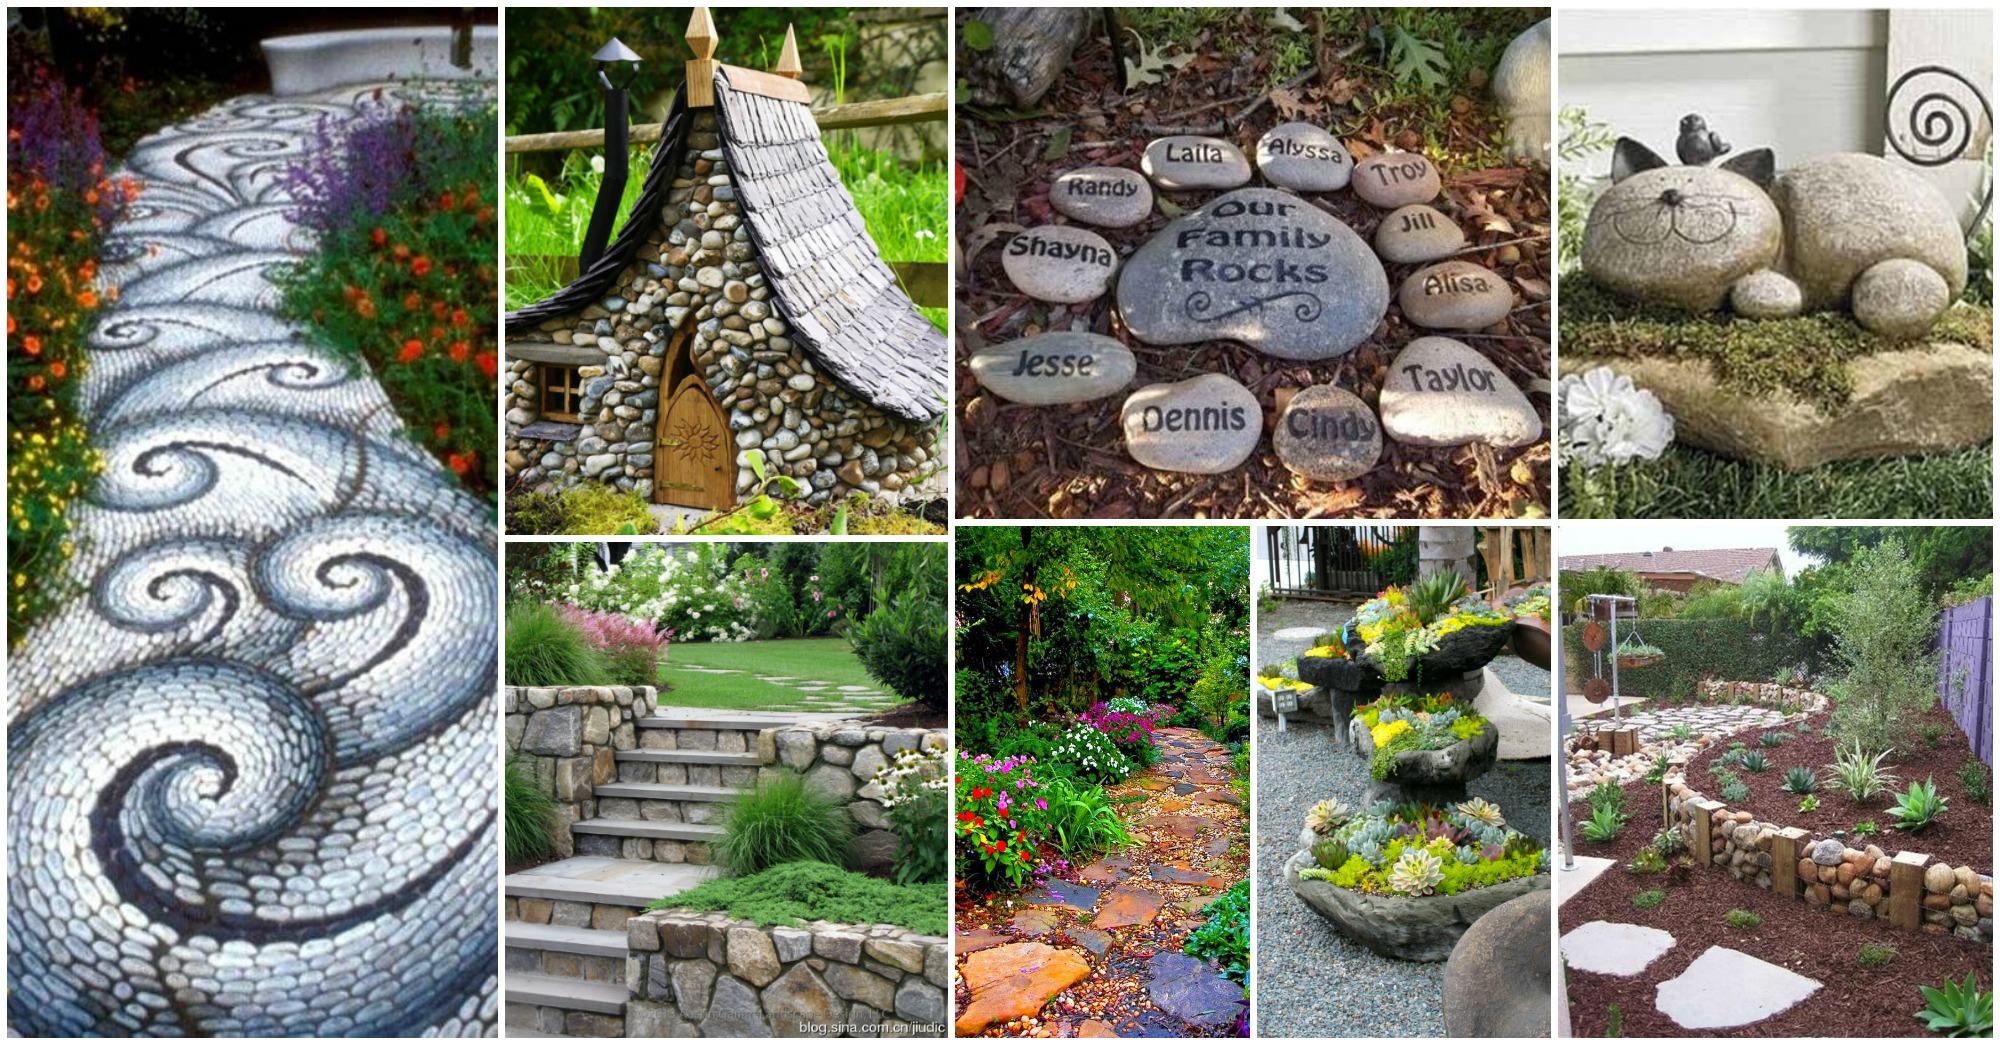 15 ideas fabulosas para decorar tu jard n con piedras for Ideas originales para jardines